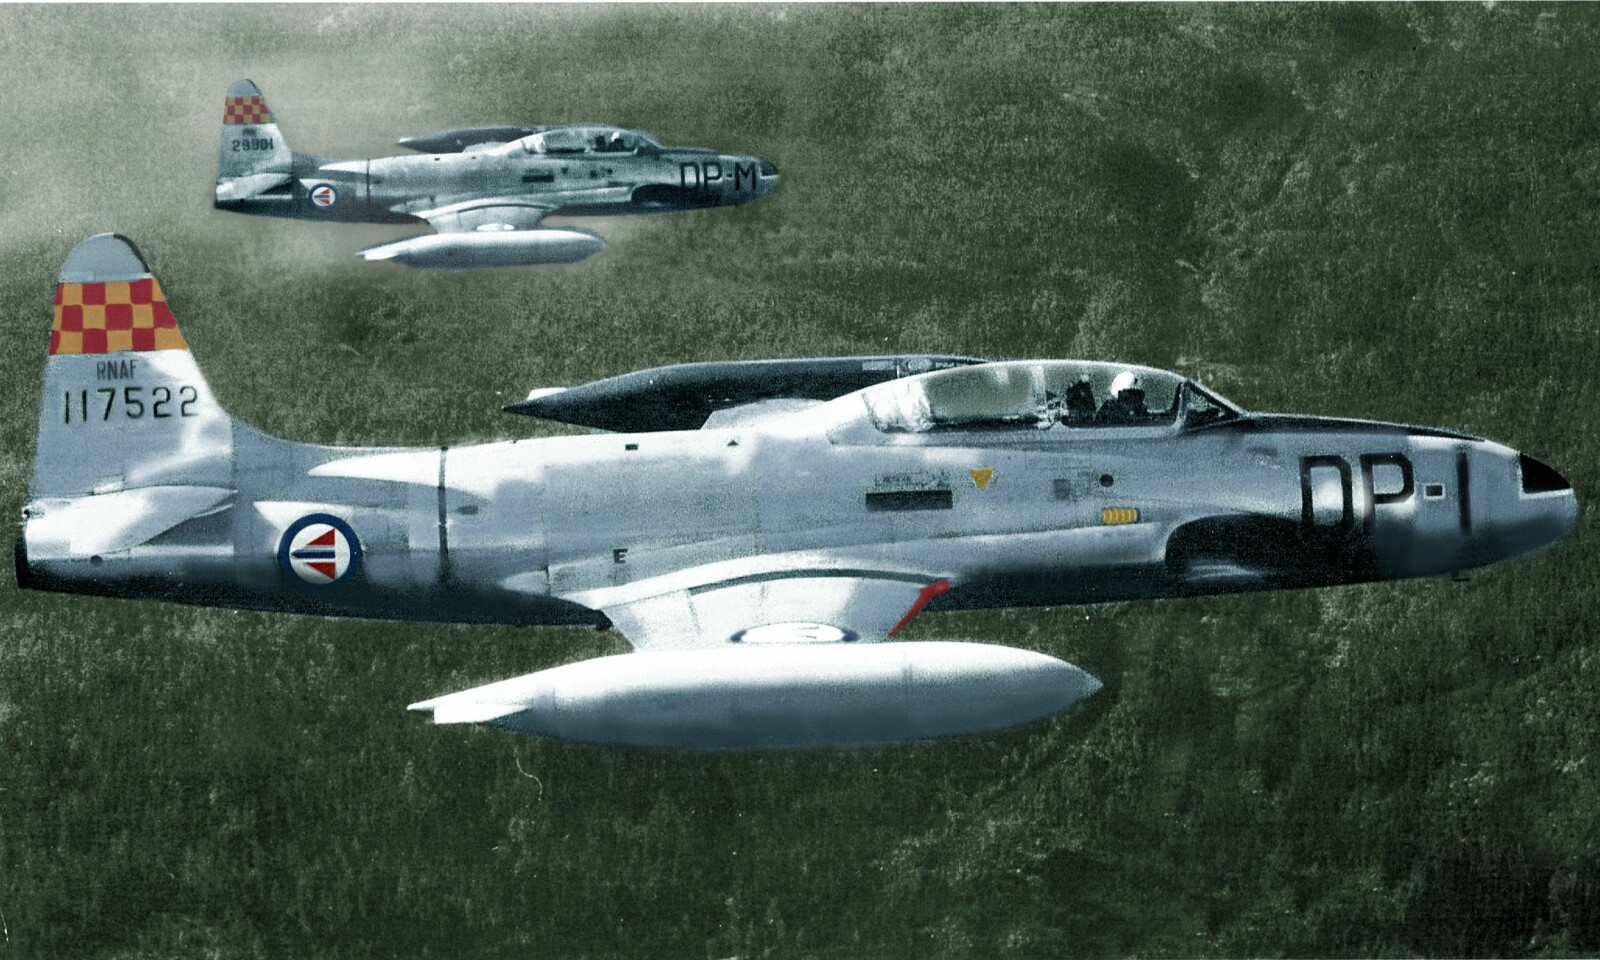 <b>ILLUSTRASJON:</b> Sånn kan det ha sett ut i lufta over Sola den 13 september 1956. Arne Storli i DP-I. Inge Kavli på vingen.